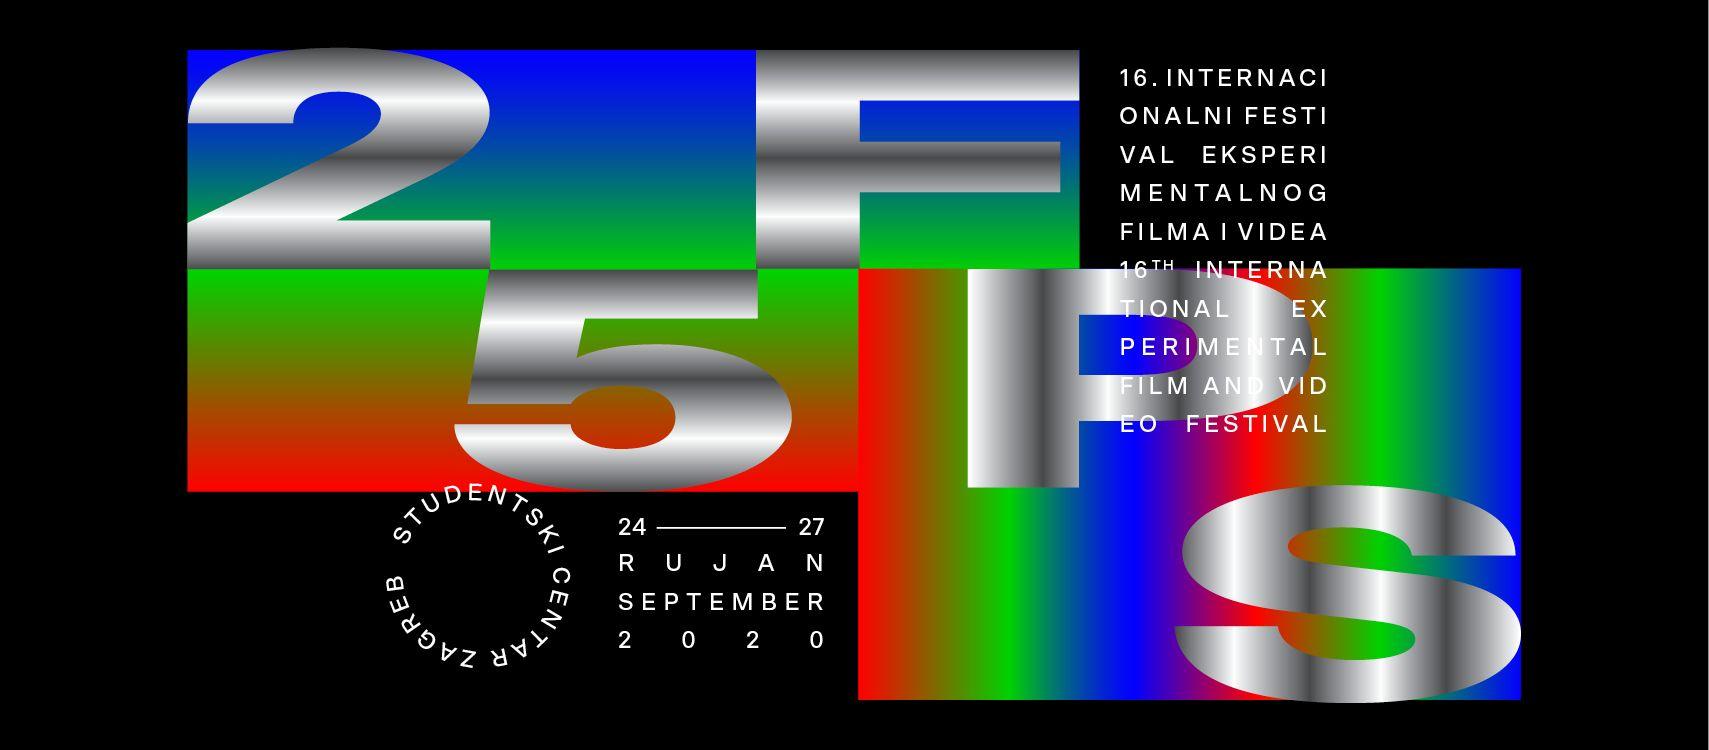 Ne propustite otvaranje  Festivala eksperimentalnog filma i videa 25 FPS